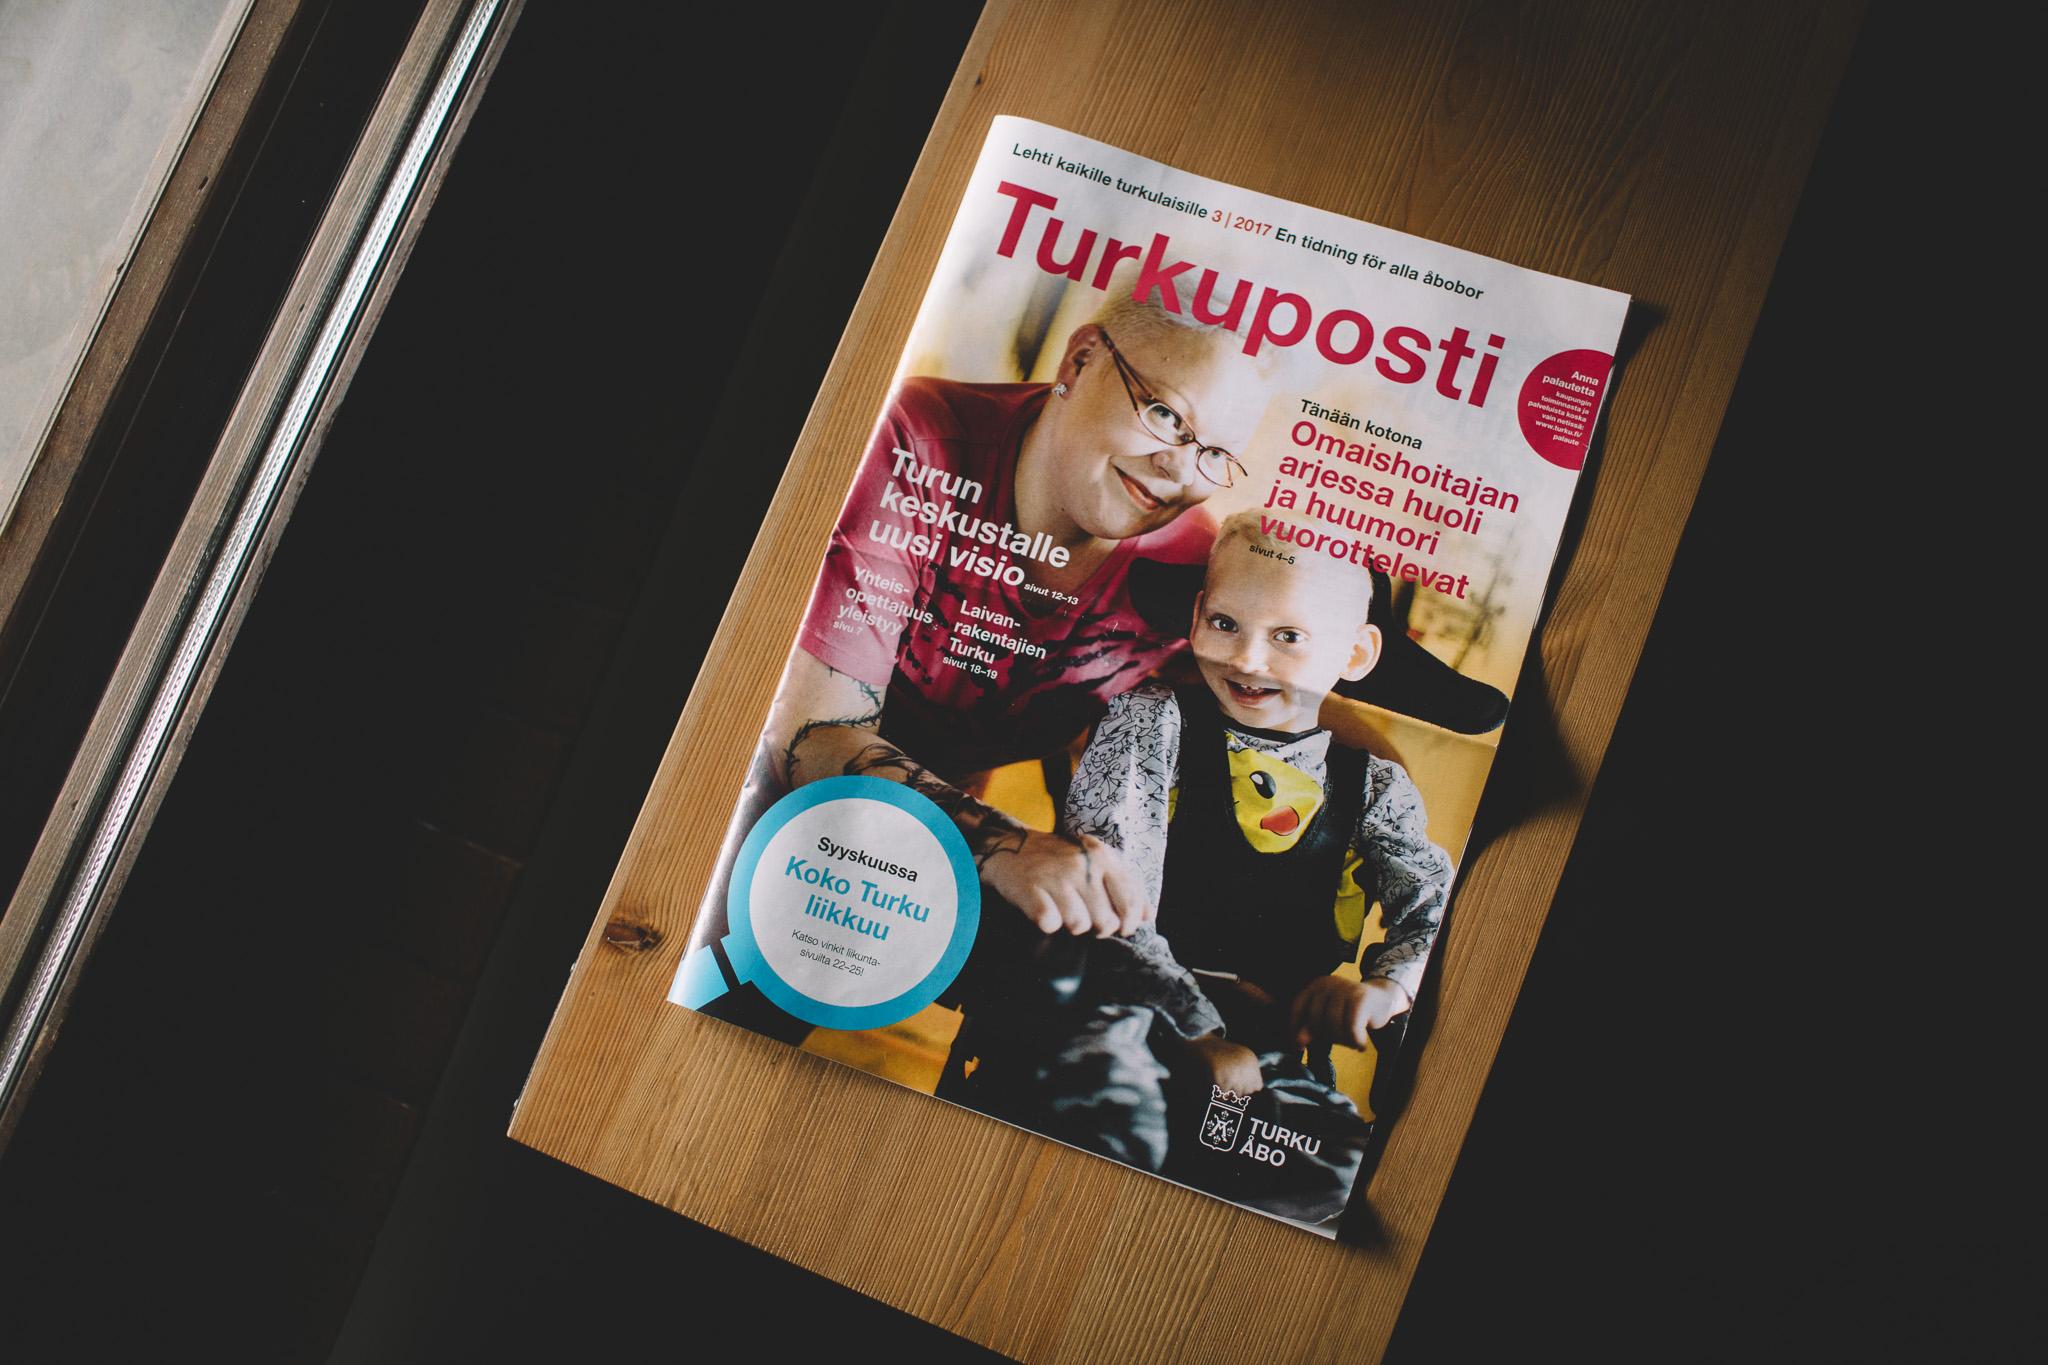 Turkuposti, cover, 2017